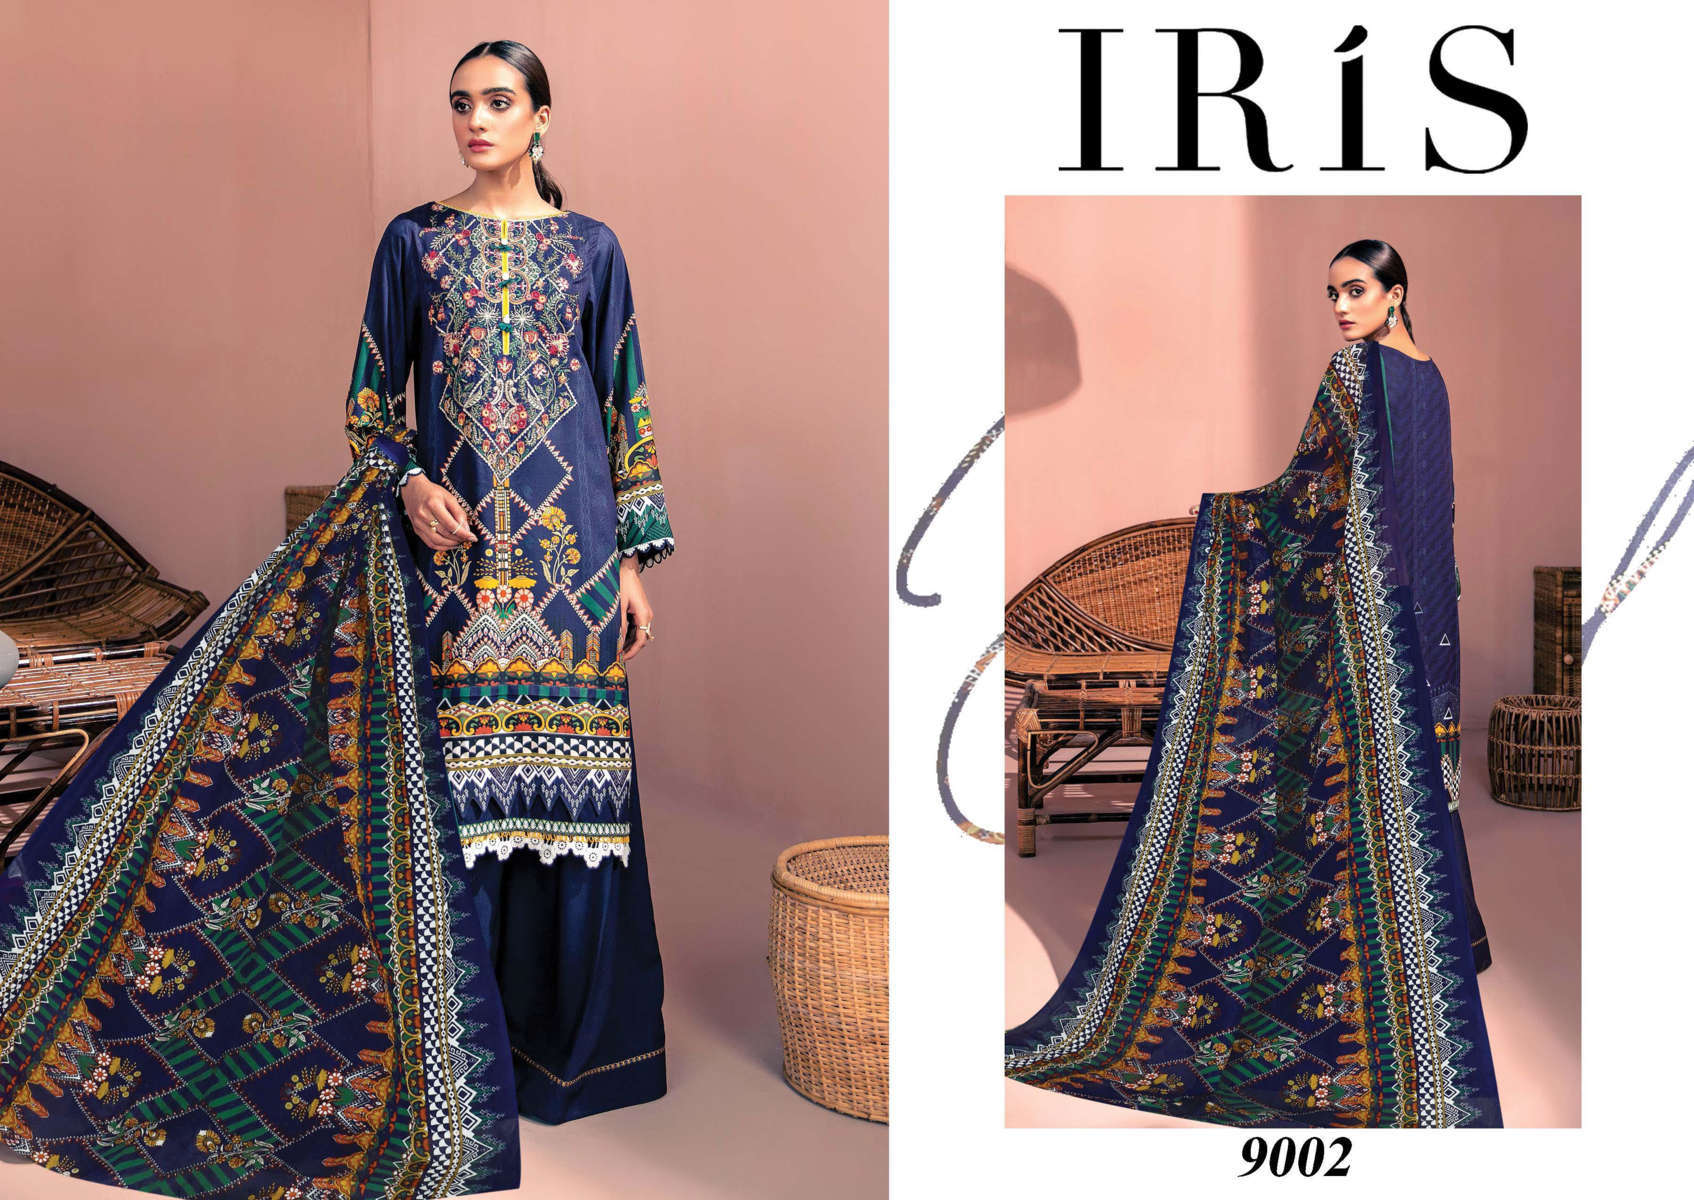 Iris Vol 9 Karachi Cotton Salwar Suit Wholesale Catalog 10 Pcs 4 - Iris Vol 9 Karachi Cotton Salwar Suit Wholesale Catalog 10 Pcs